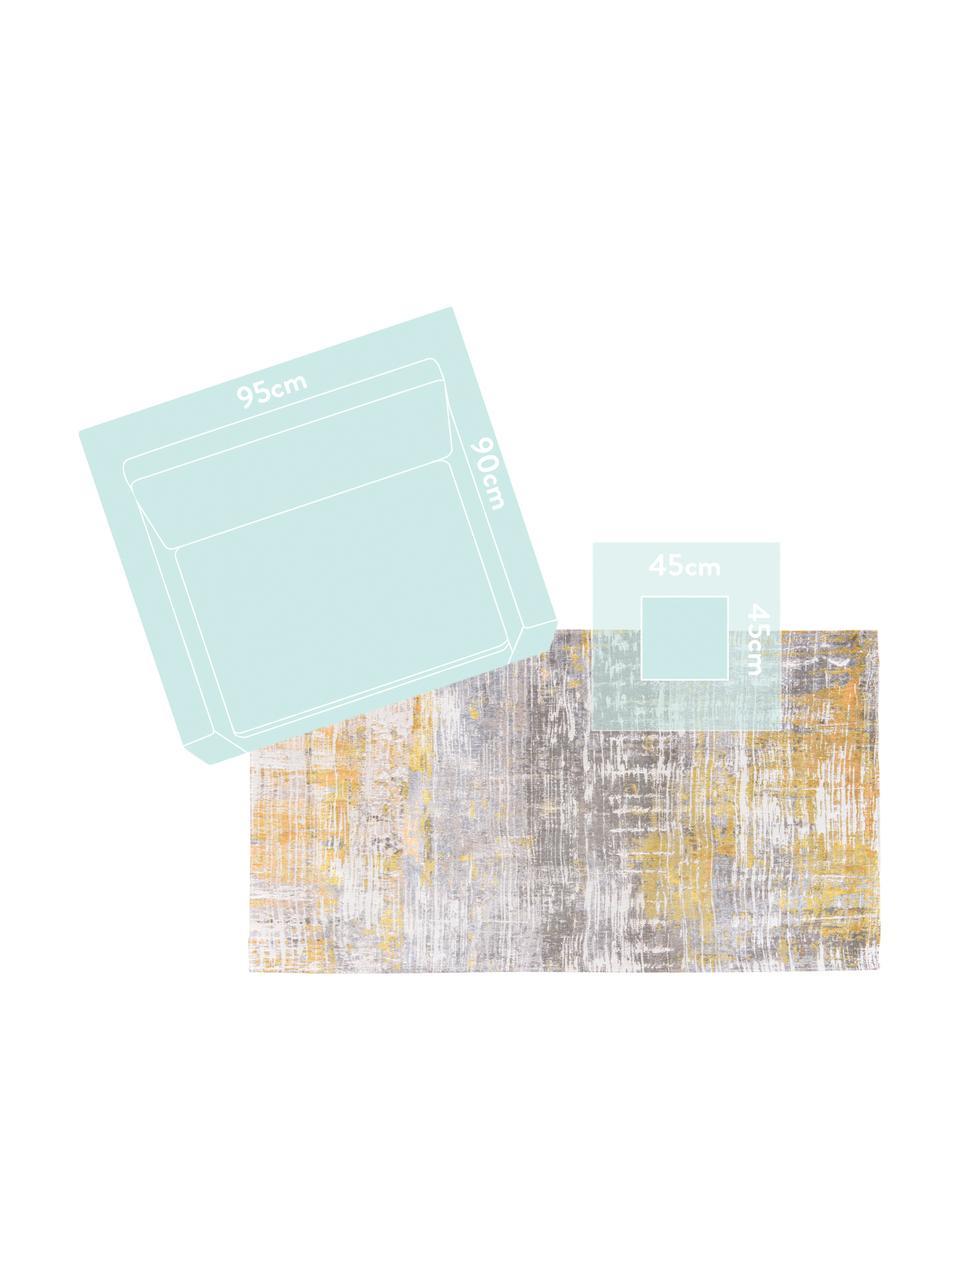 Design vloerkleed Streaks in grijs/geel, Bovenzijde: 85%katoen, 15%hoogglanz, Weeftechniek: jacquard, Onderzijde: katoenmix, gecoat met lat, Geel, grijs, wit, B 140 x L 200 cm (maat S)